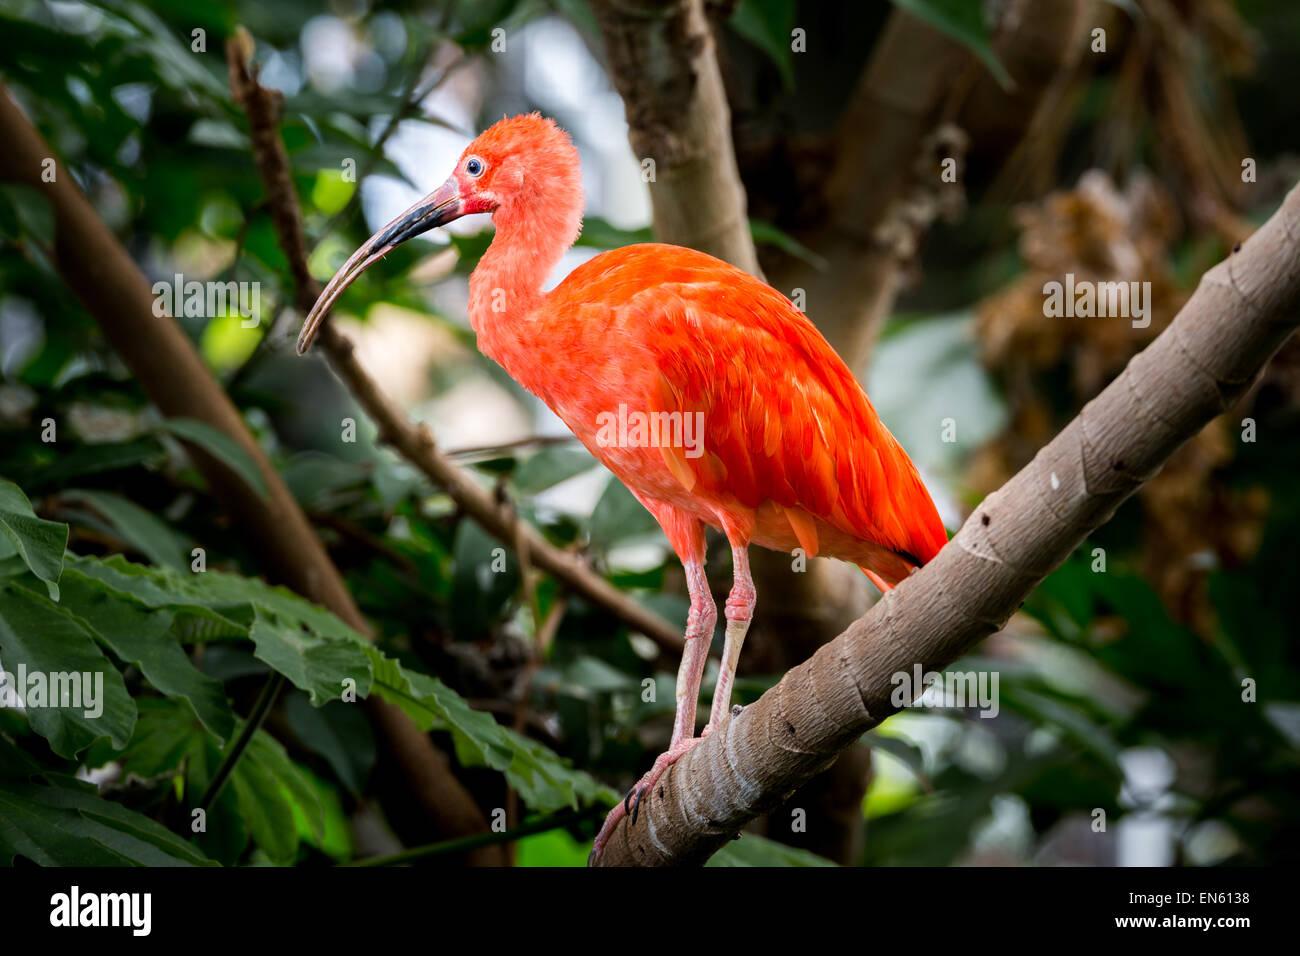 Scarlet Ibis appollaiato su un ramo della foresta pluviale. Immagini Stock